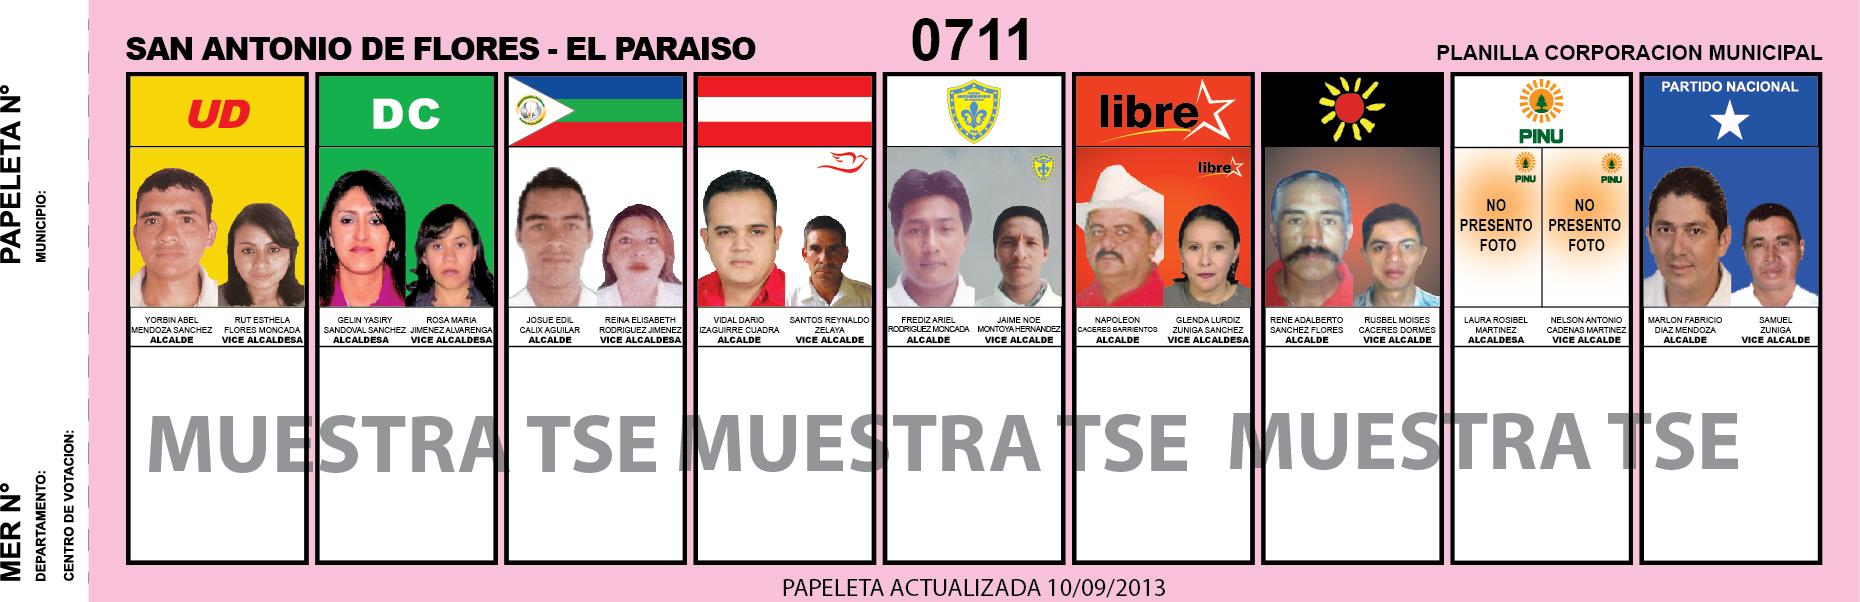 CANDIDATOS 2013 MUNICIPIO SAN ANTONIO DE FLORES - EL PARAISO - HONDURAS